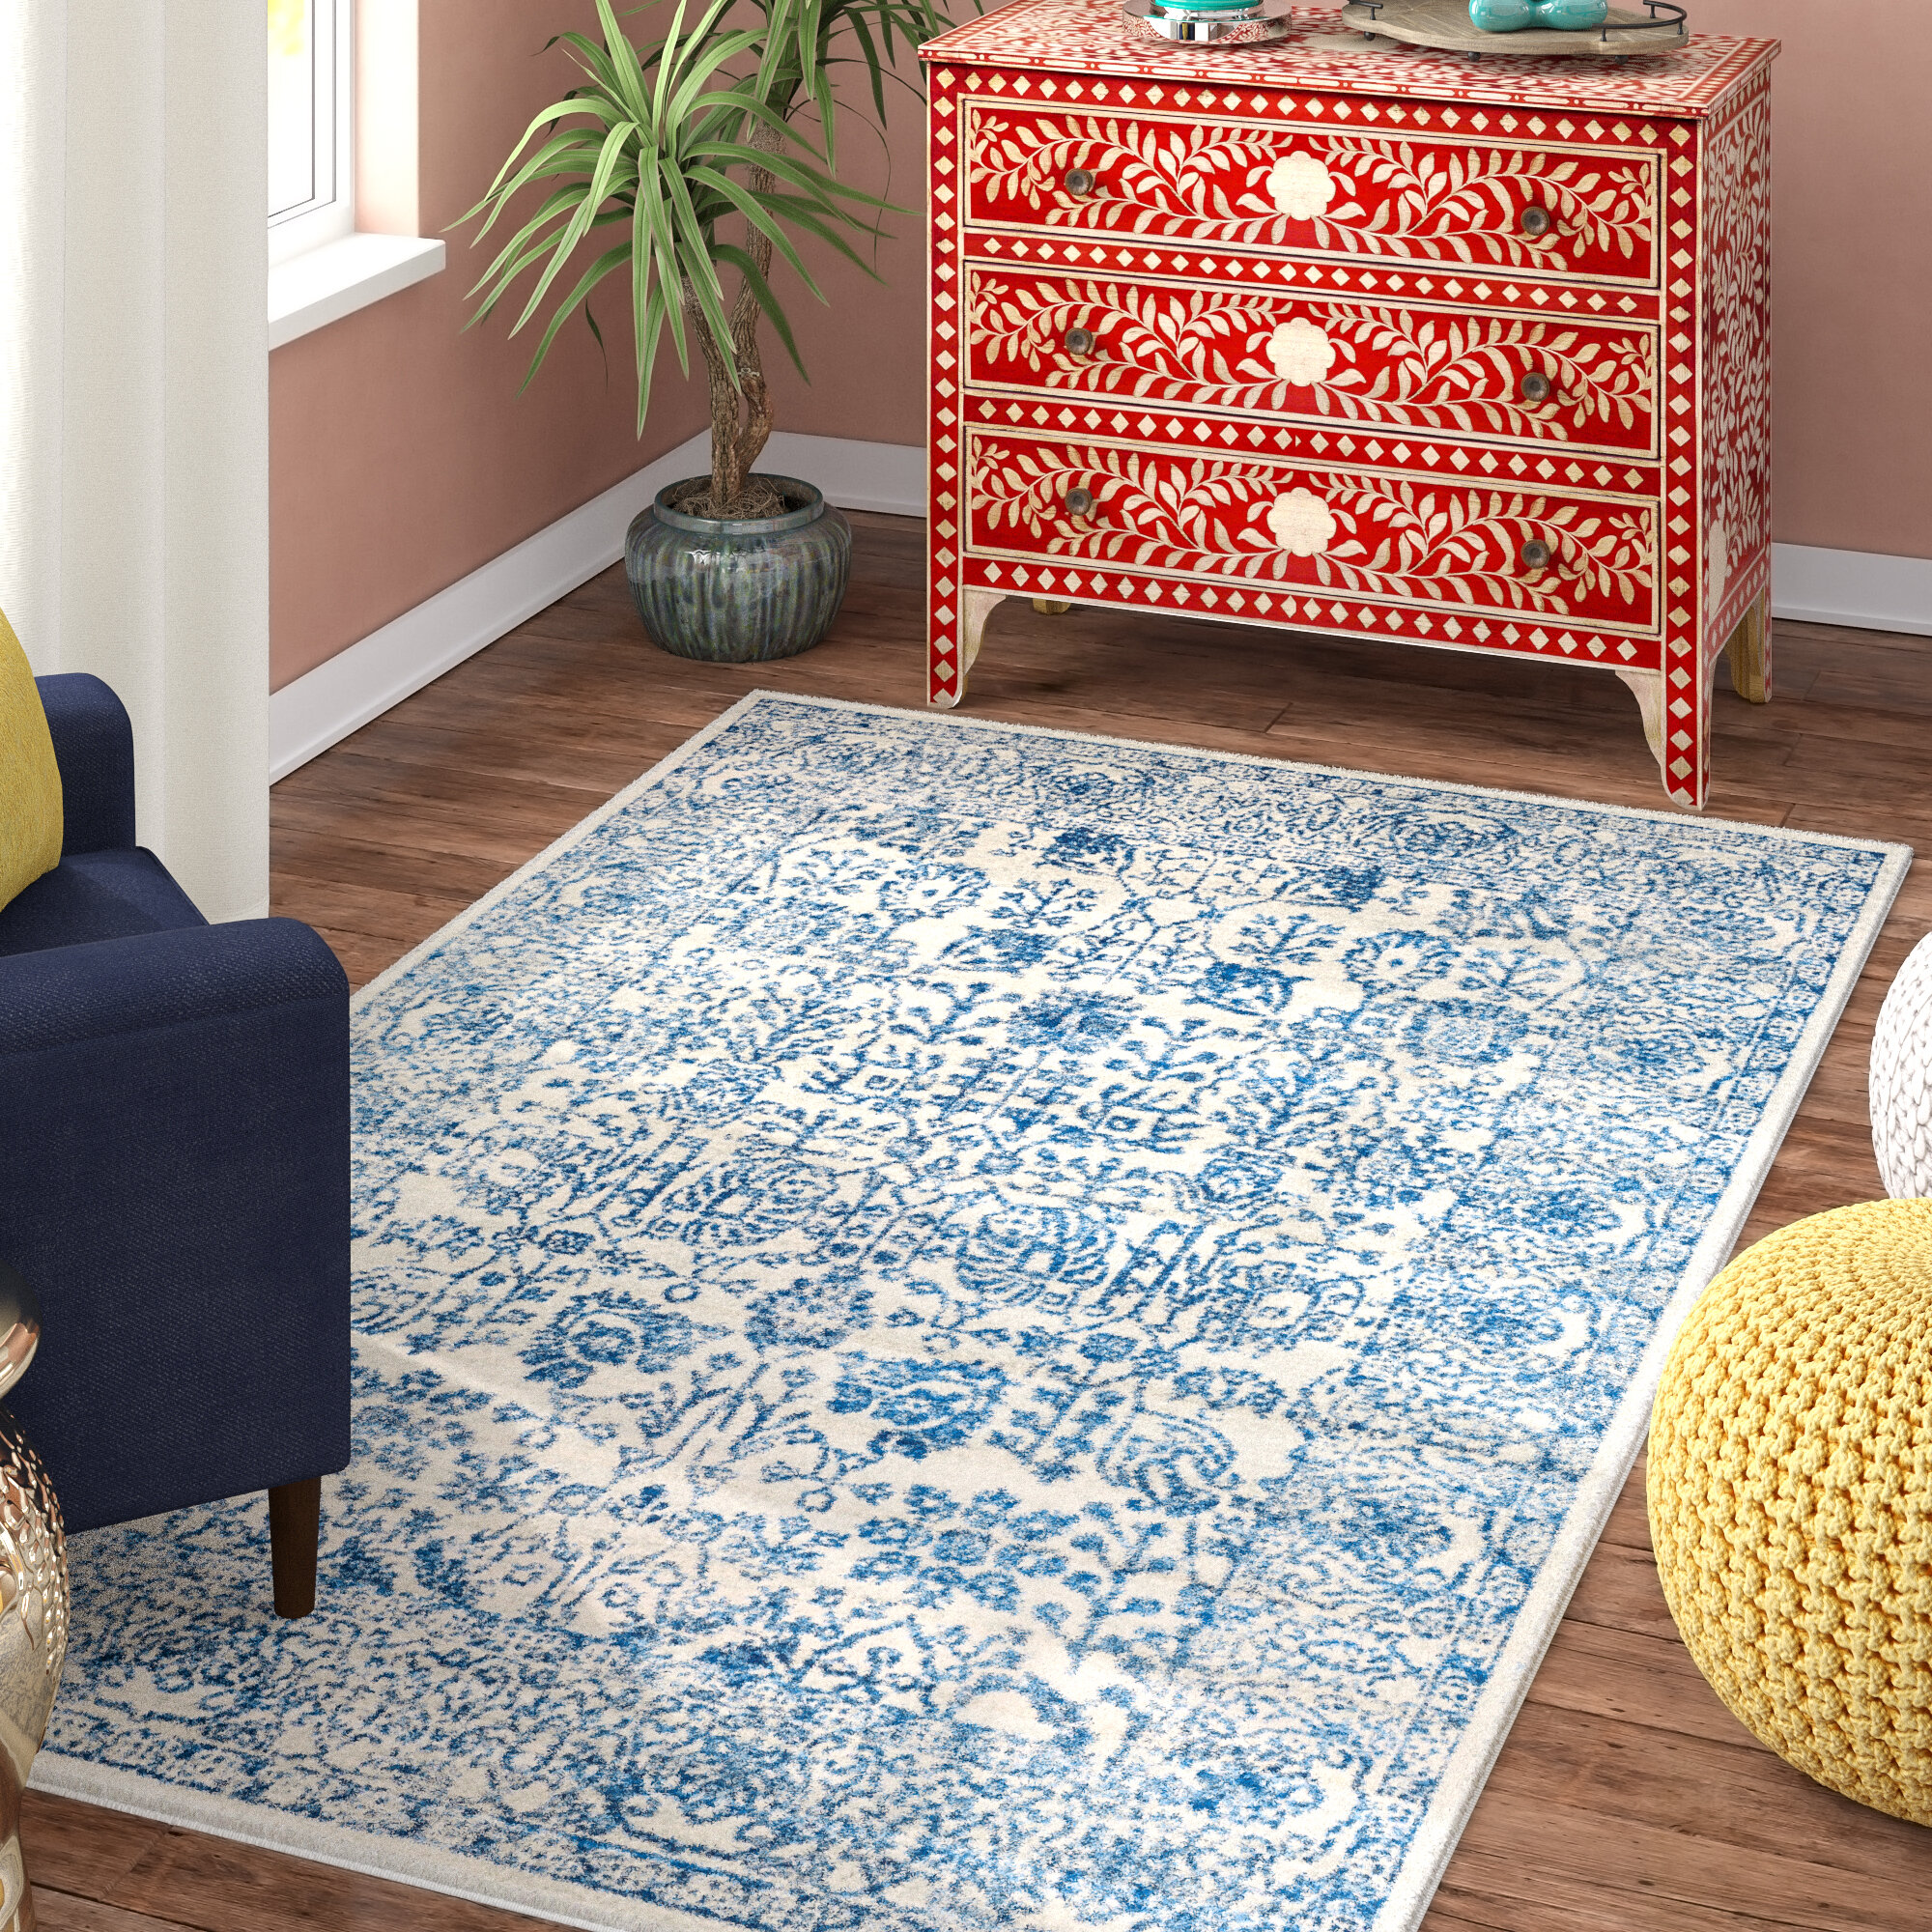 Mistana Hillsby Hand-Woven Blue Area Rug & Reviews | Wayfair